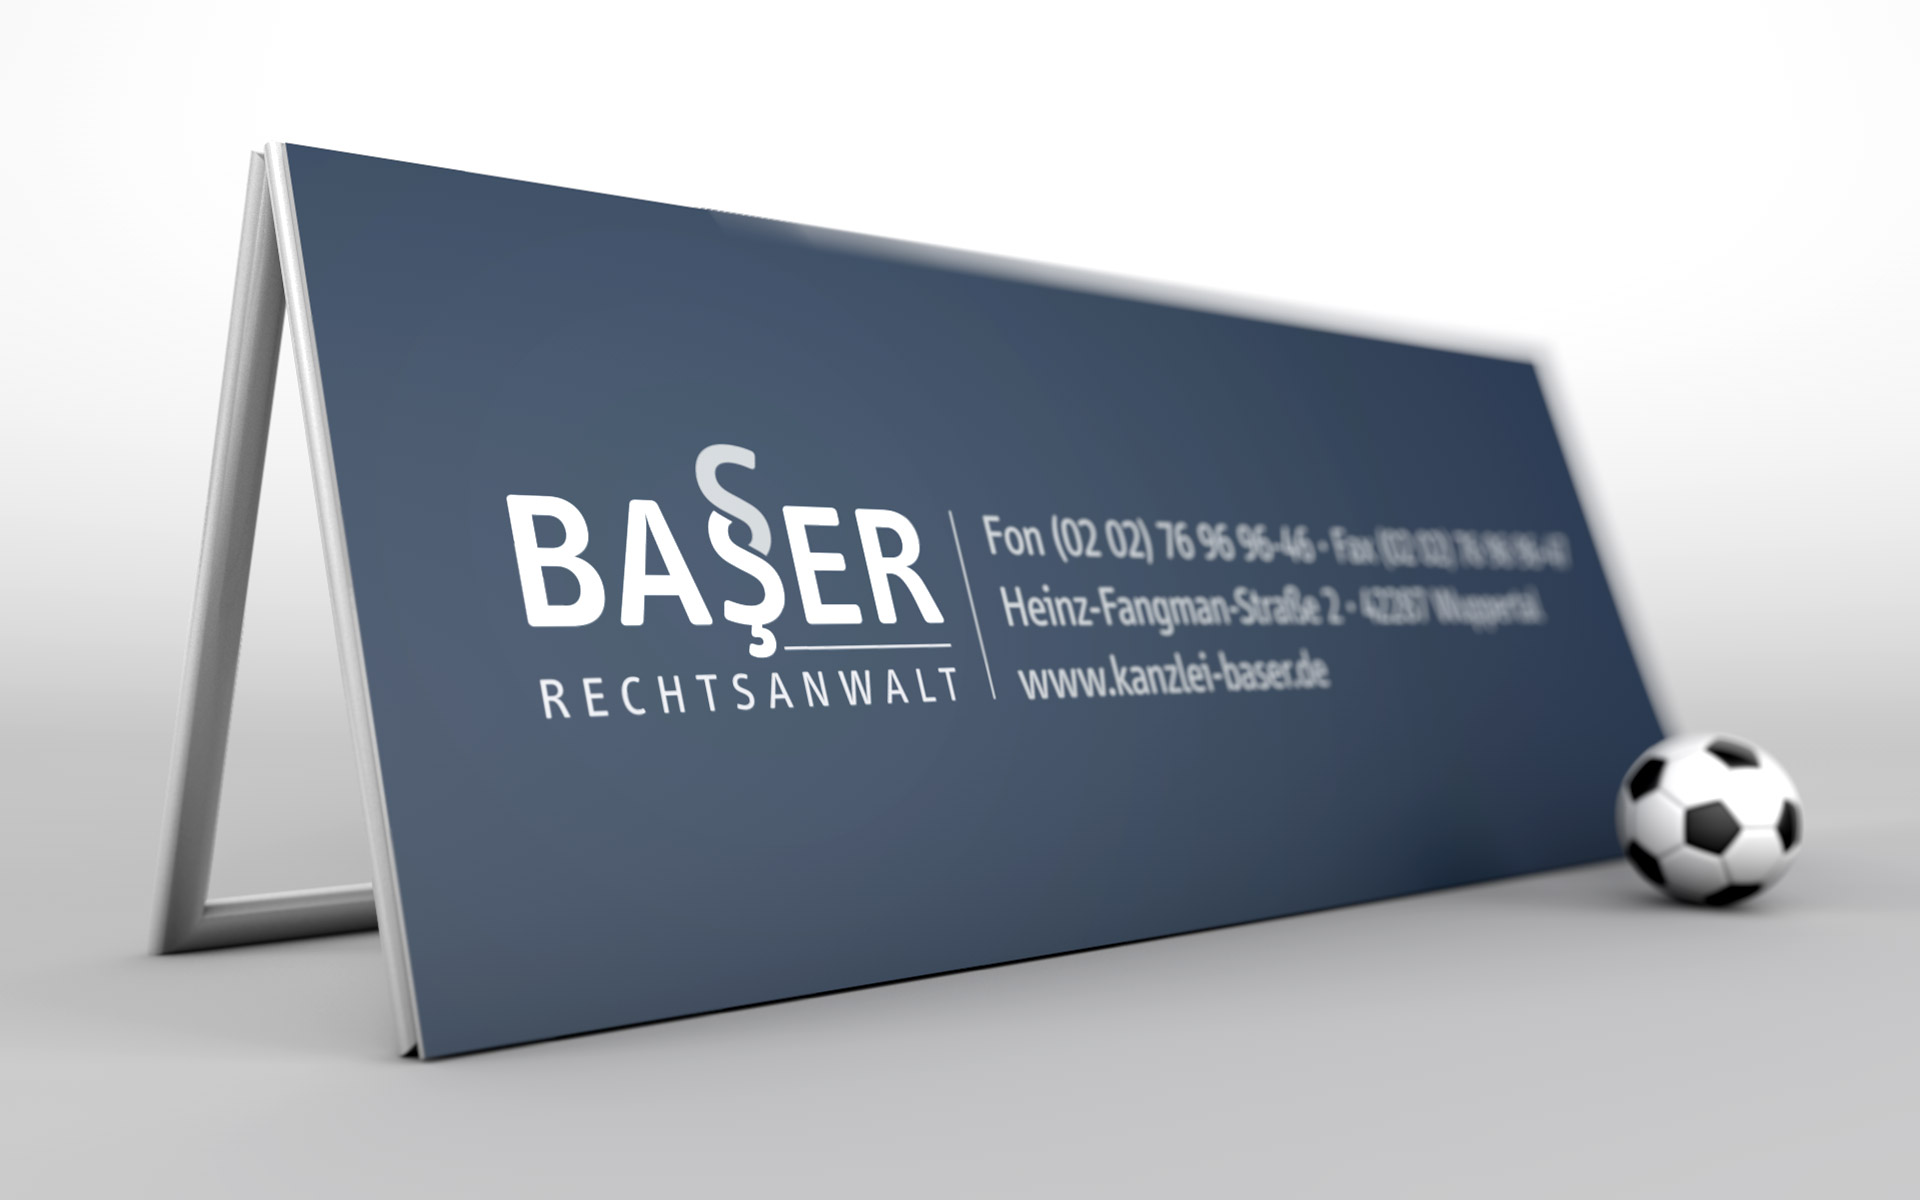 Bandenwerbung passend zum Corporate Design der Kanzlei Baser